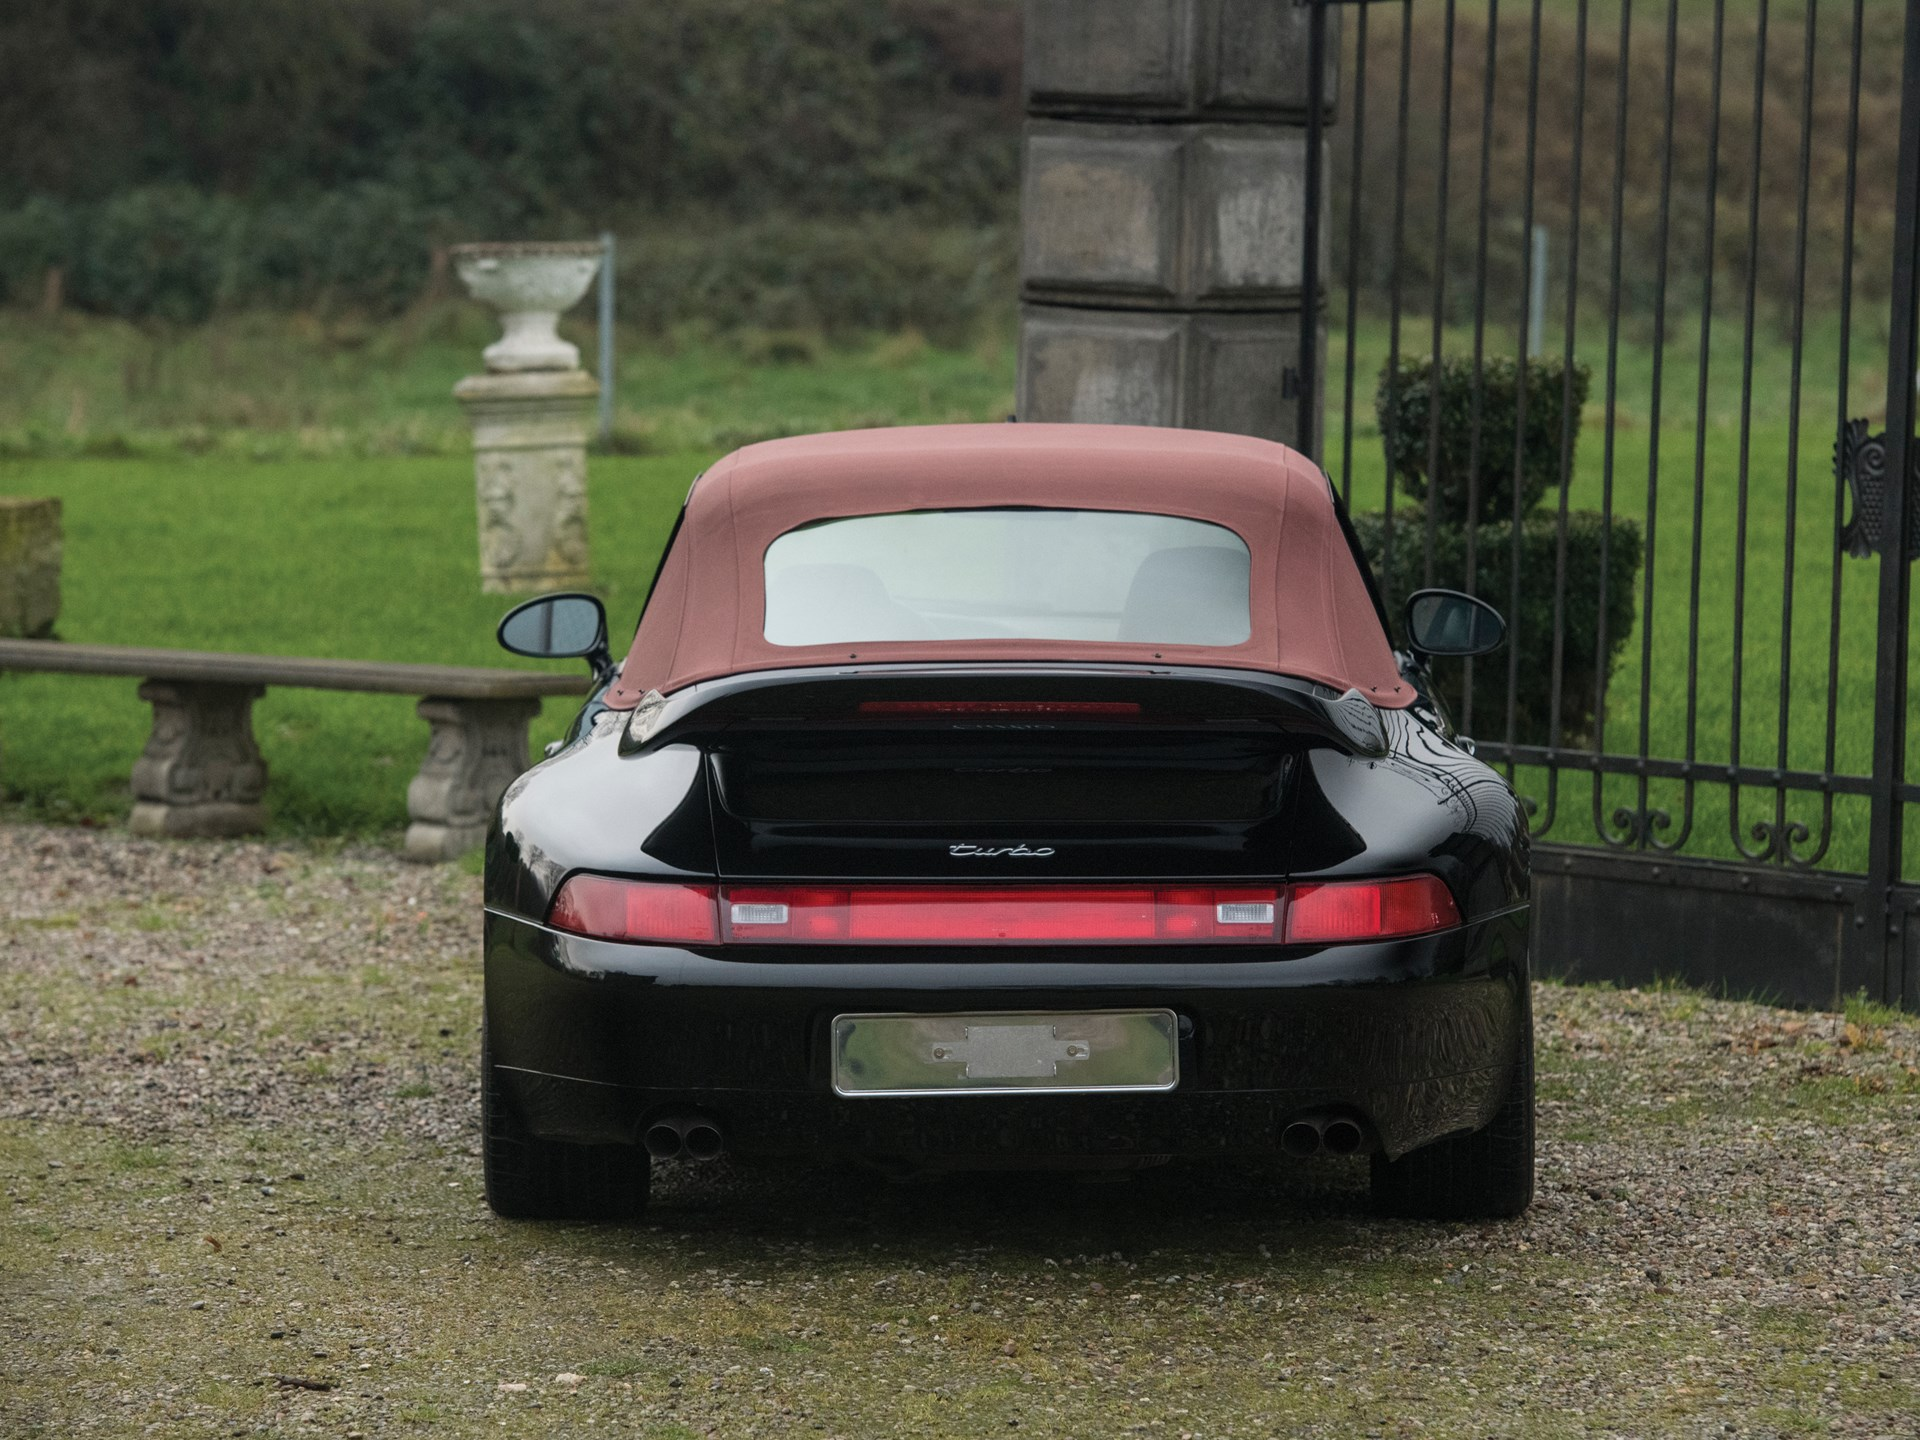 1995 Porsche 911 Turbo Cabriolet